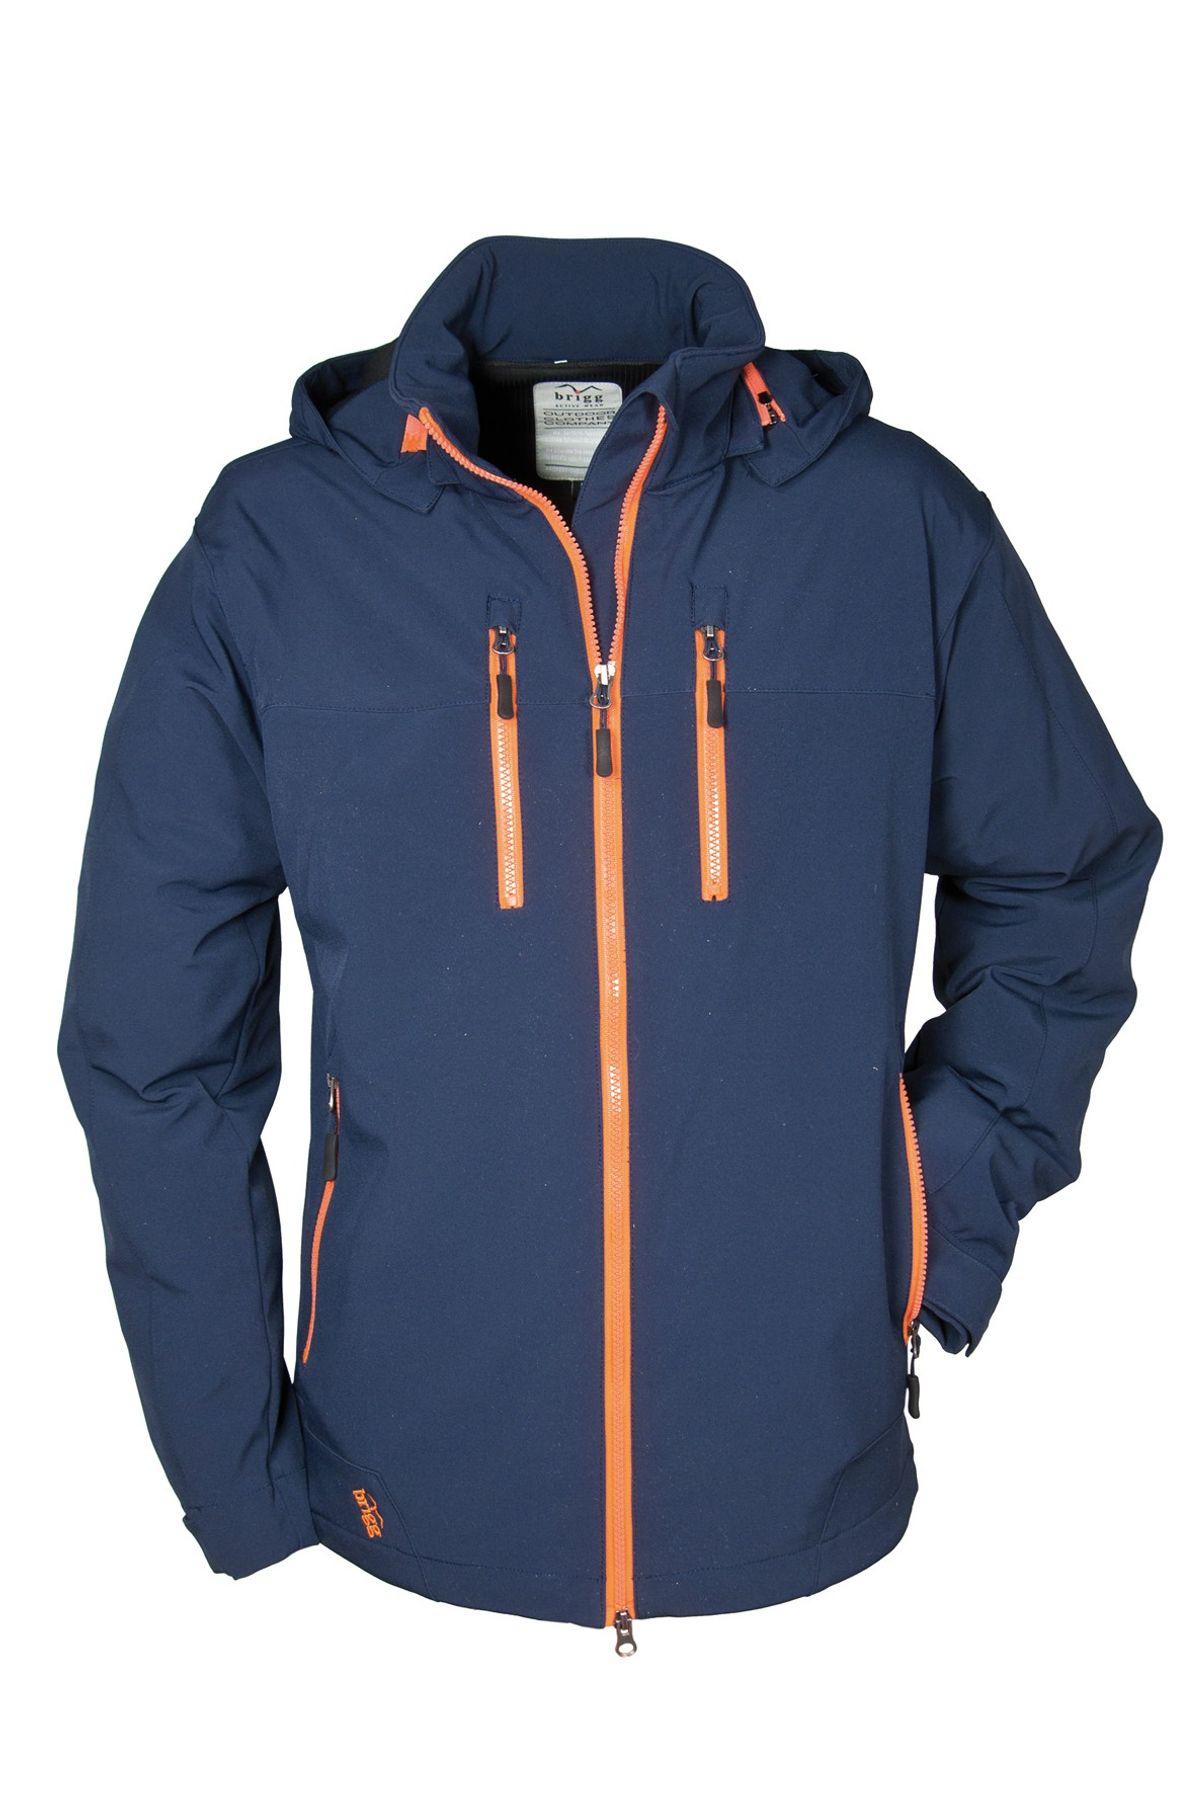 Brigg - Herren Softshell Jacke in verschiedenen Farben, Wasserdicht, Atmungsaktiv, Winddicht (10 776 705) – Bild 4